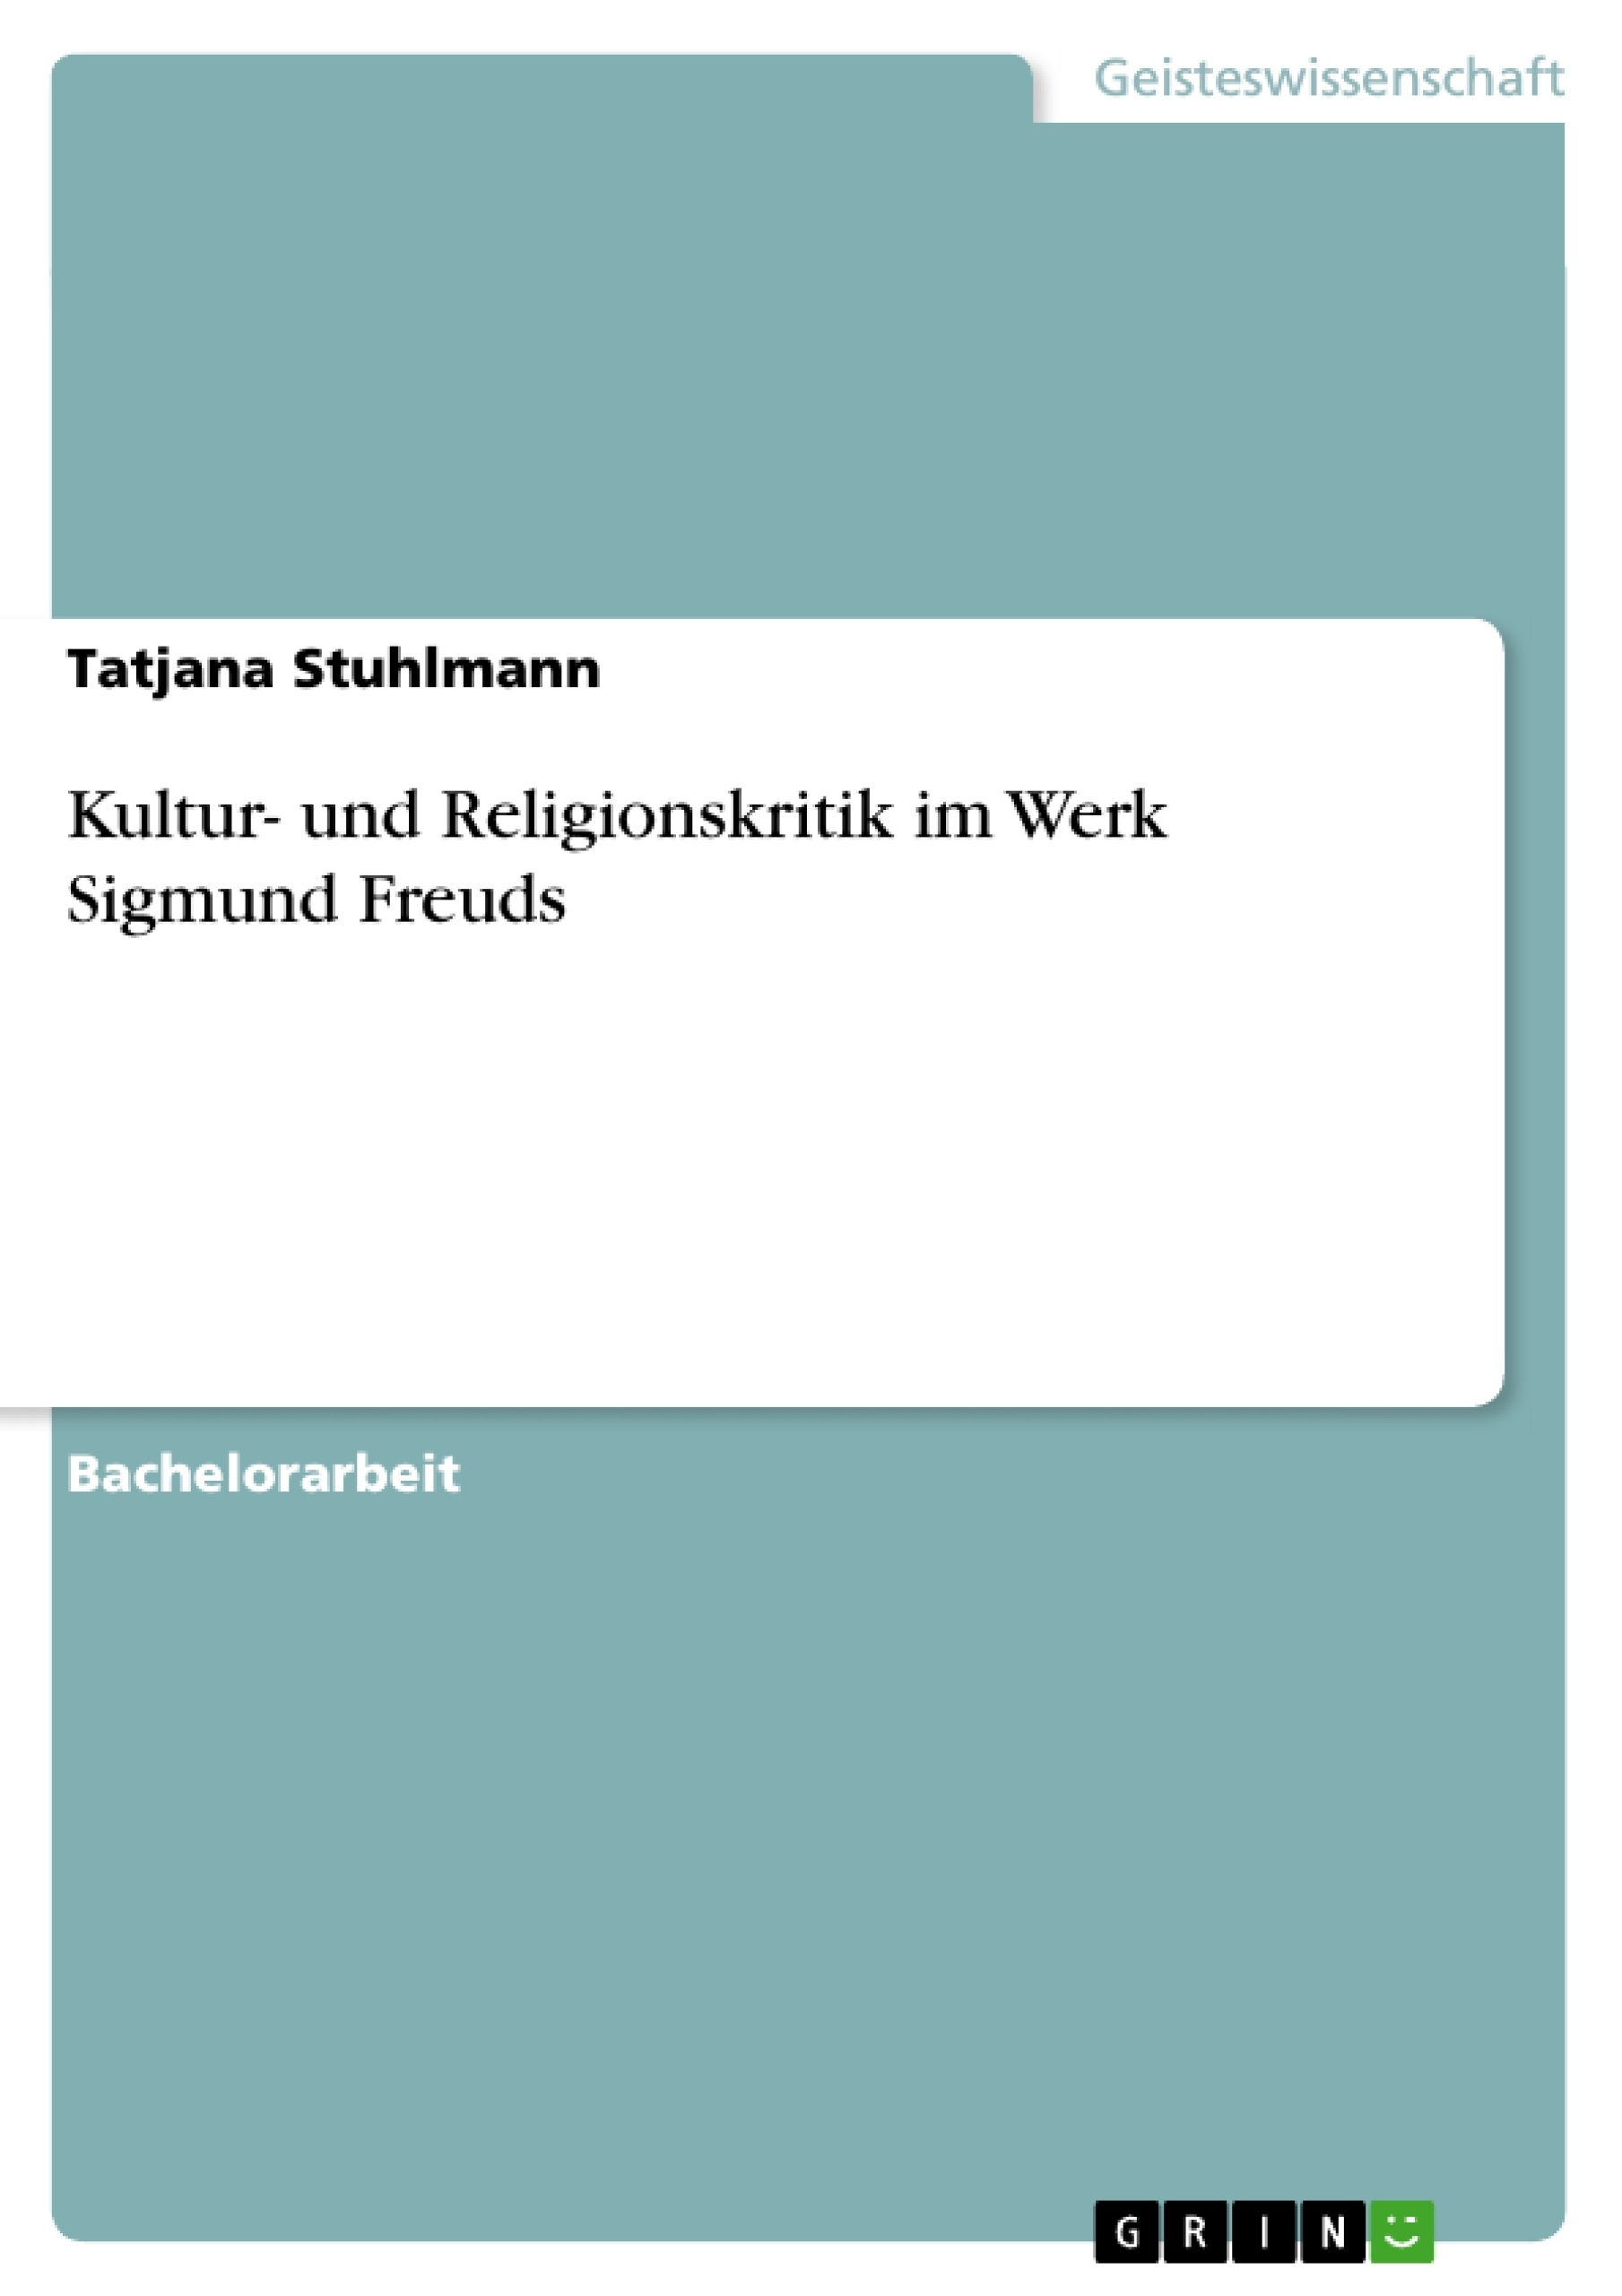 Titel: Kultur- und Religionskritik im Werk Sigmund Freuds